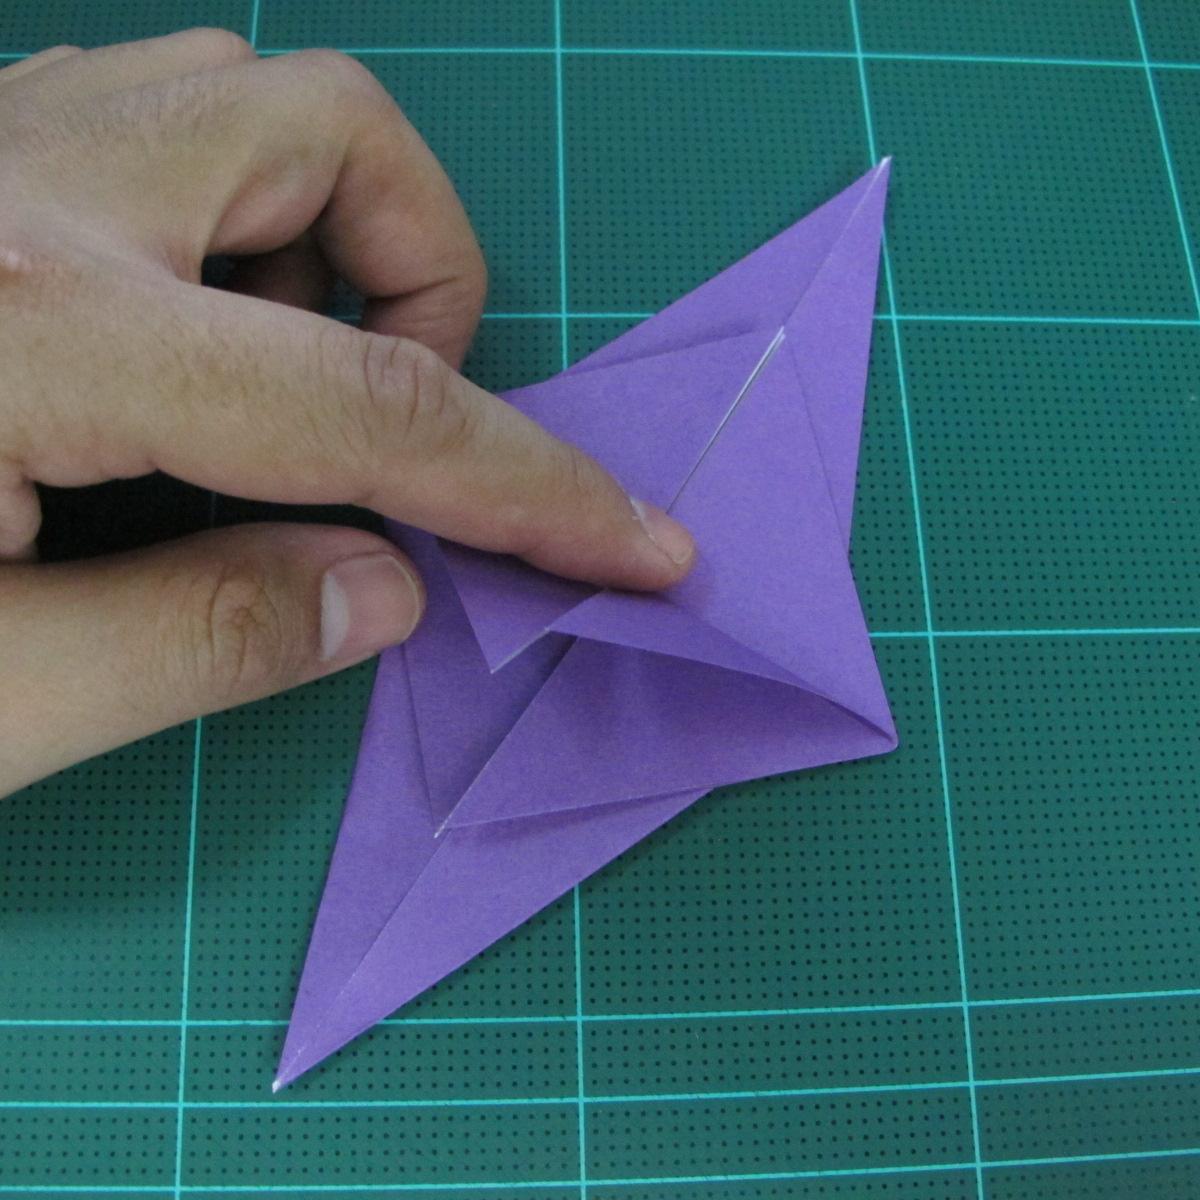 วิธีพับกระดาษเป็นรูปนกอินทรี (Origami Eagle) 001